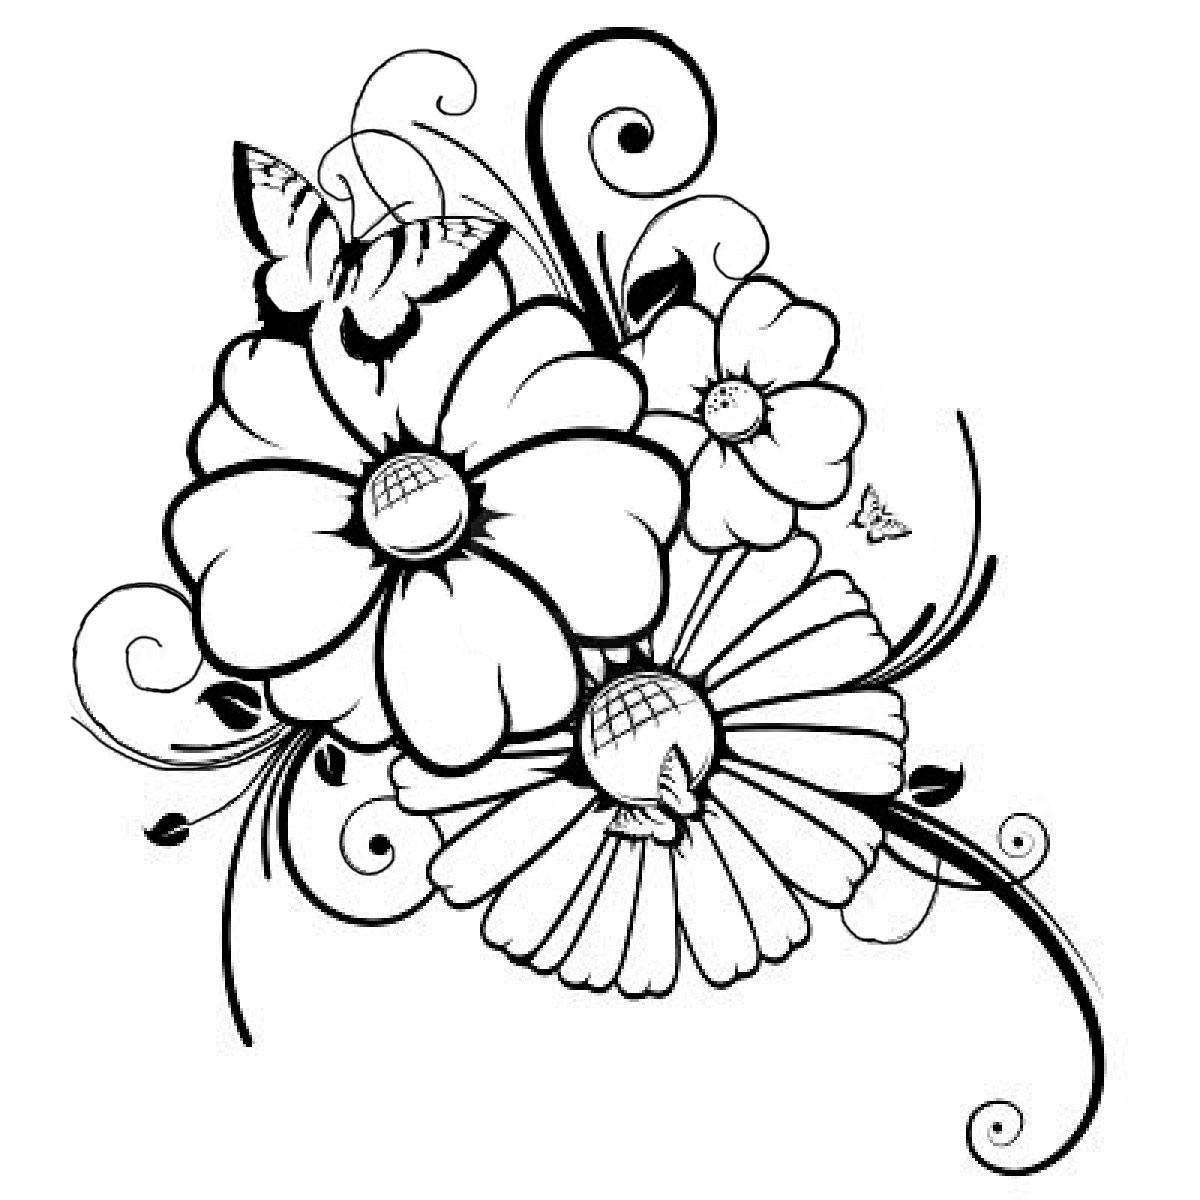 Ausmalbilder Gratis Blumen 2 | Ausmalbilder Gratis für Dinotrux Malvorlage